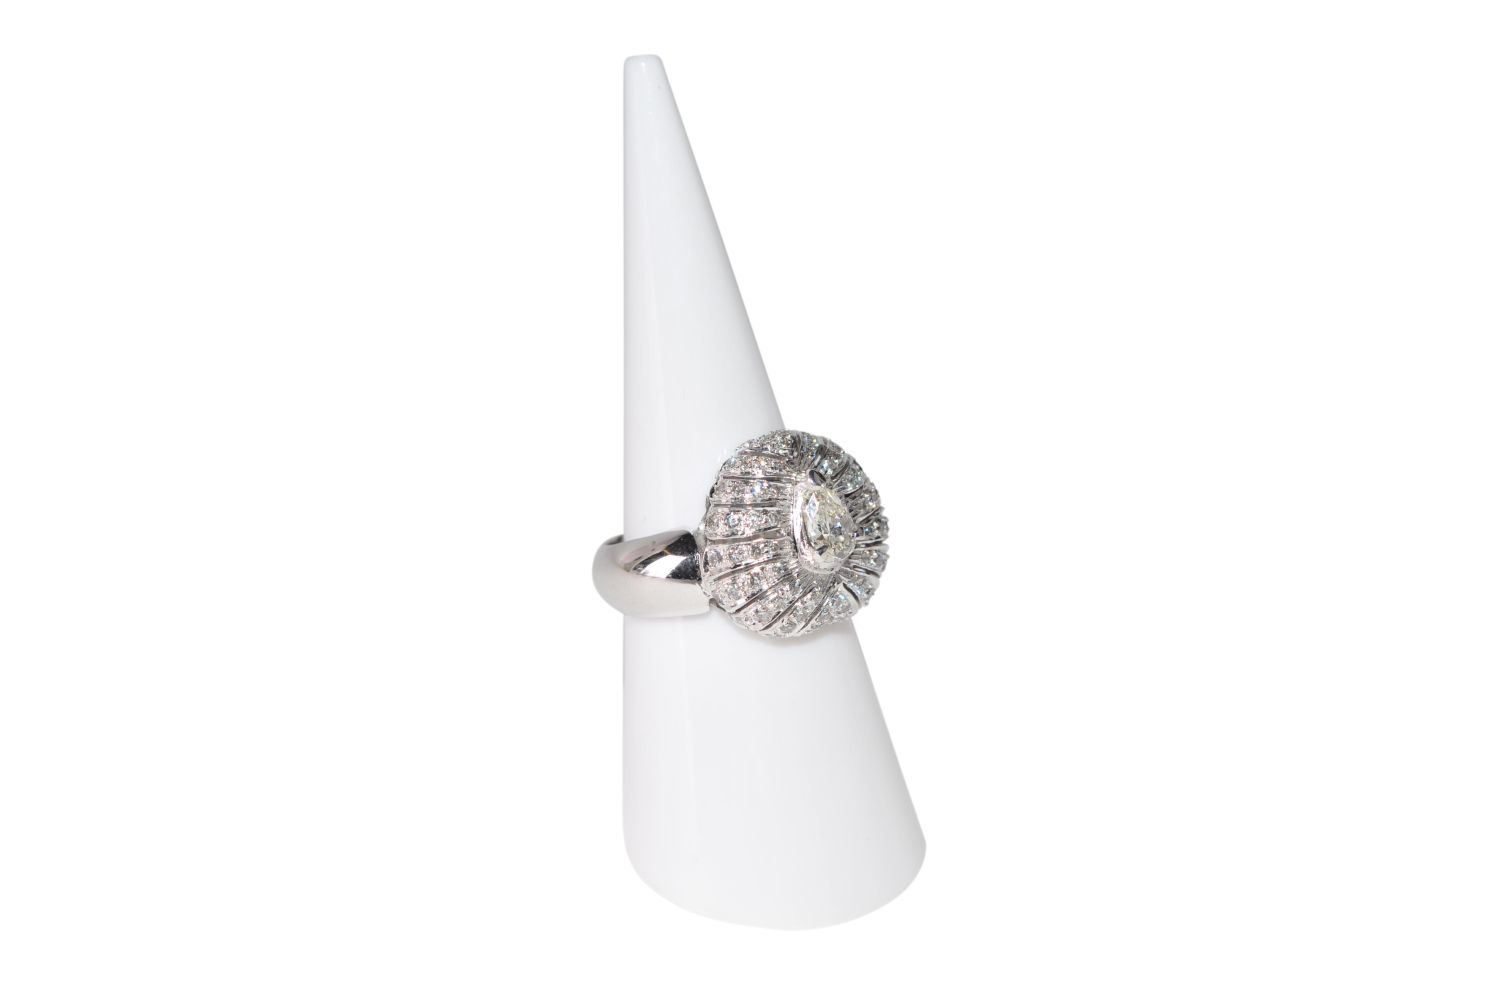 #111 Diamond ring | Diamantring Image